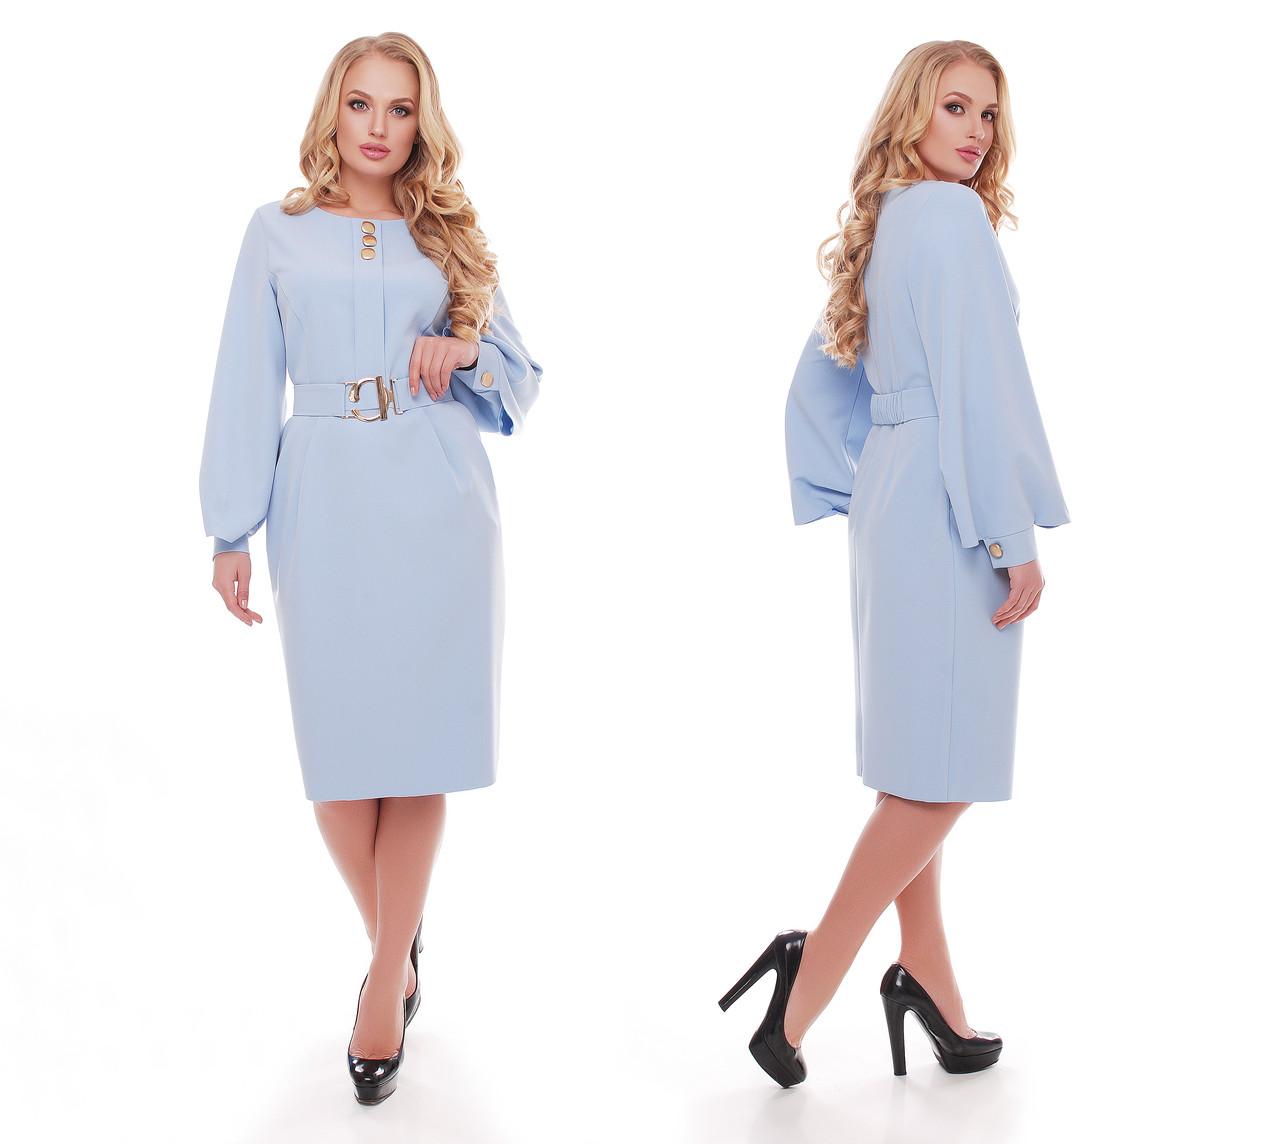 Женское стильное платье Екатерина цвет голубой / размер 54-58